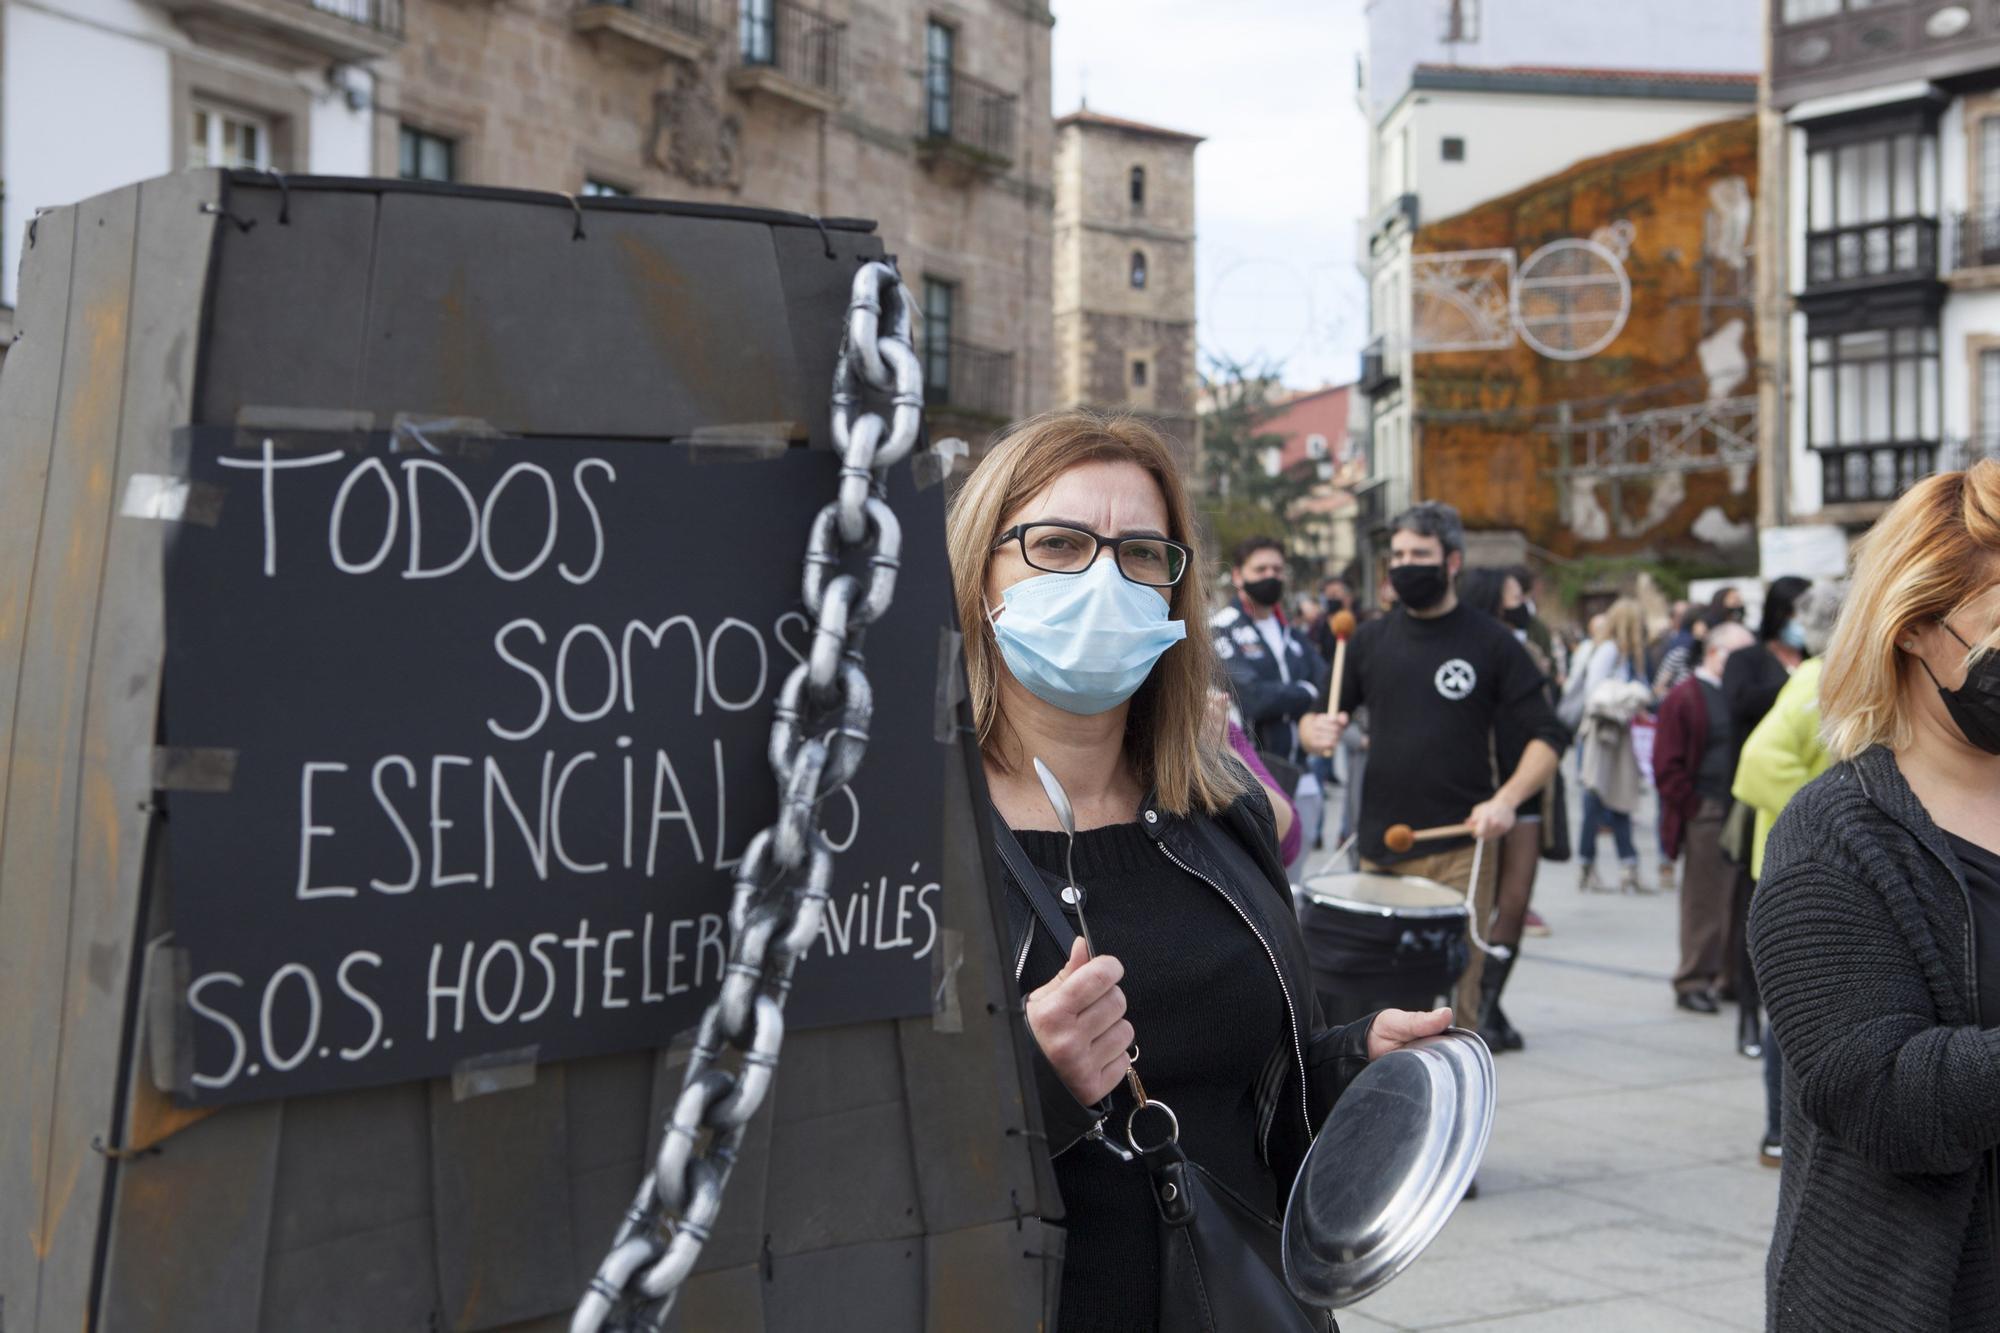 La hostelería de Avilés muestra en la calle su situación crítica.